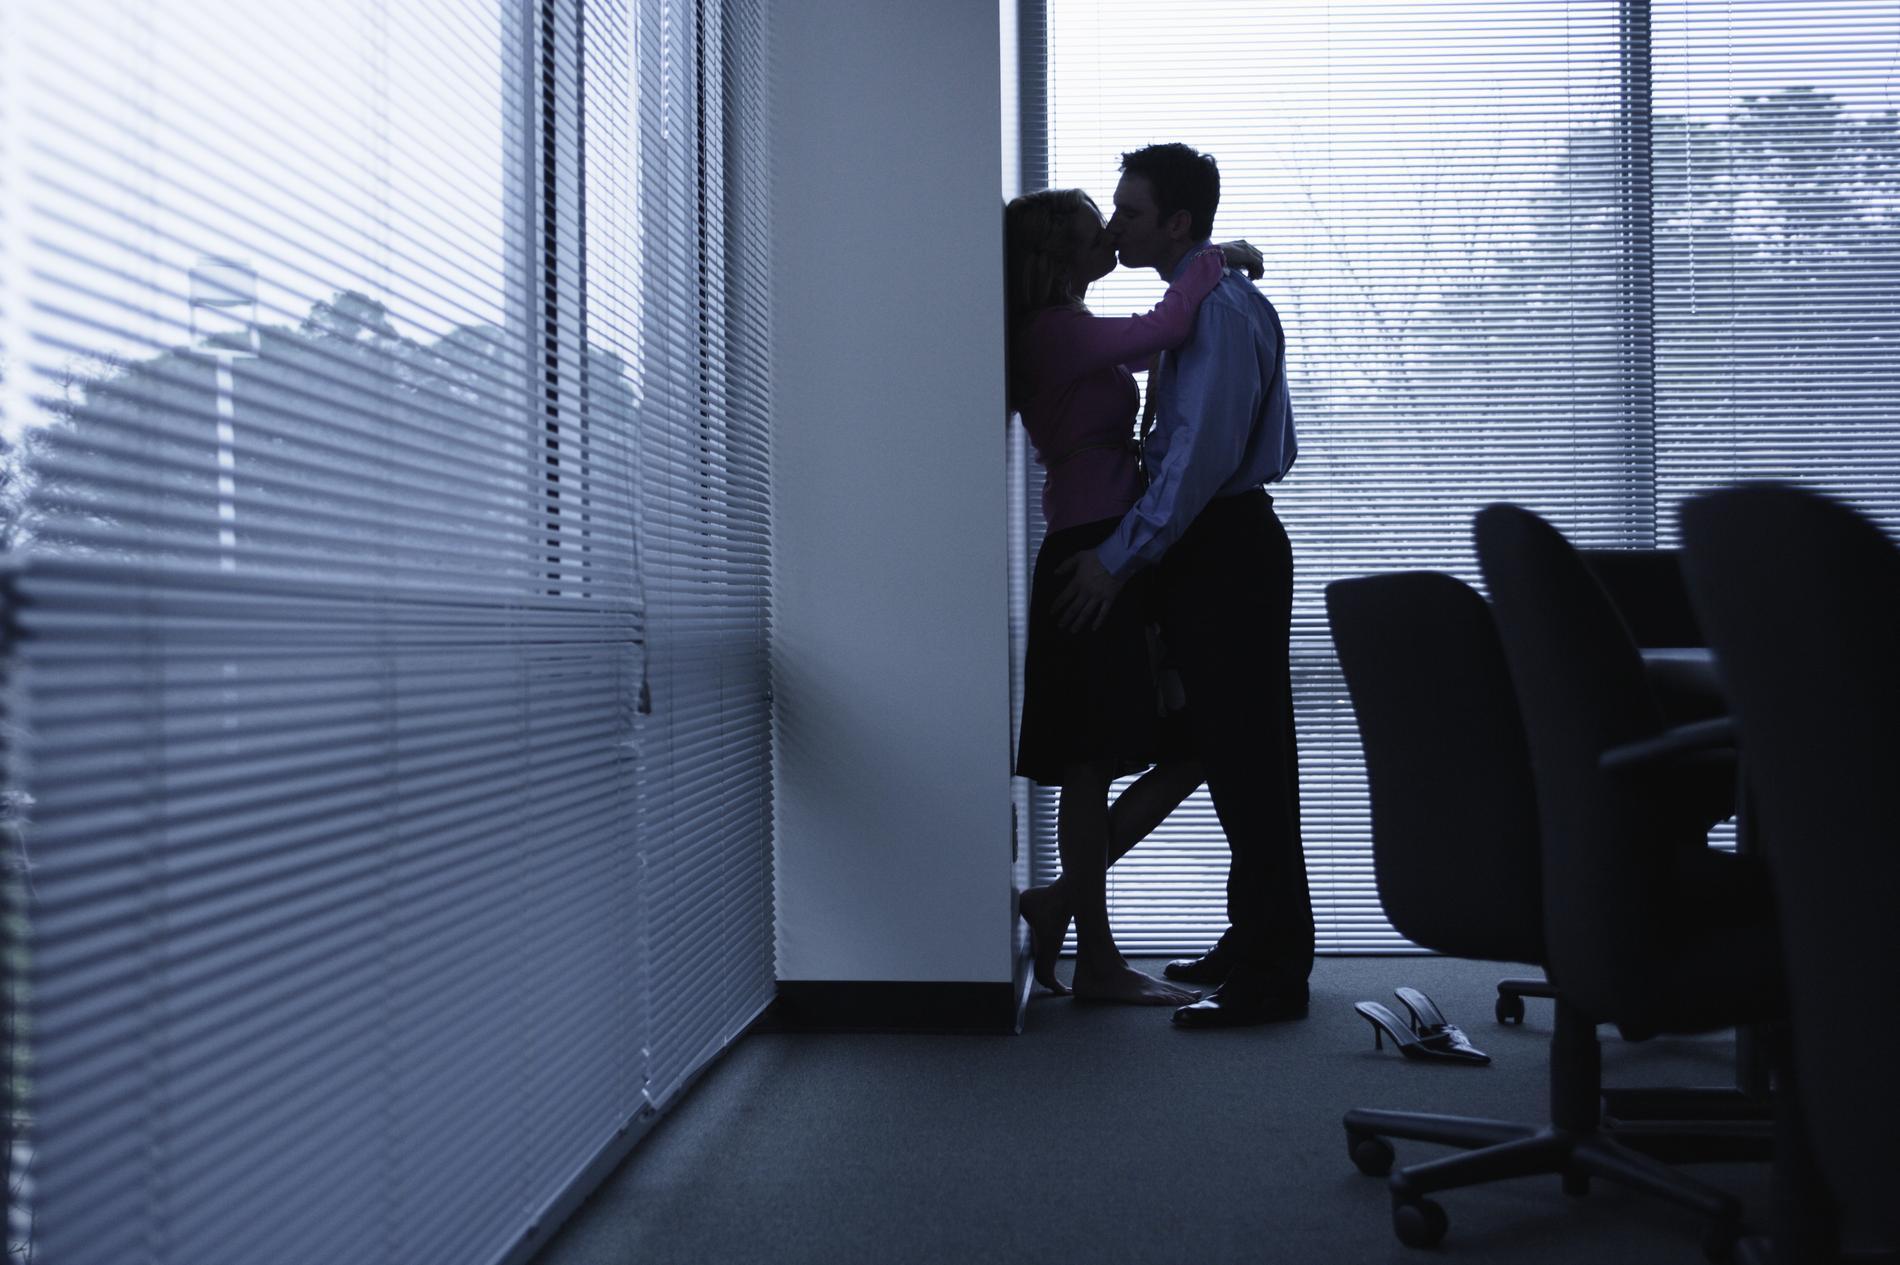 Vous risquez sûrement de tomber amoureux au travail madame figaro